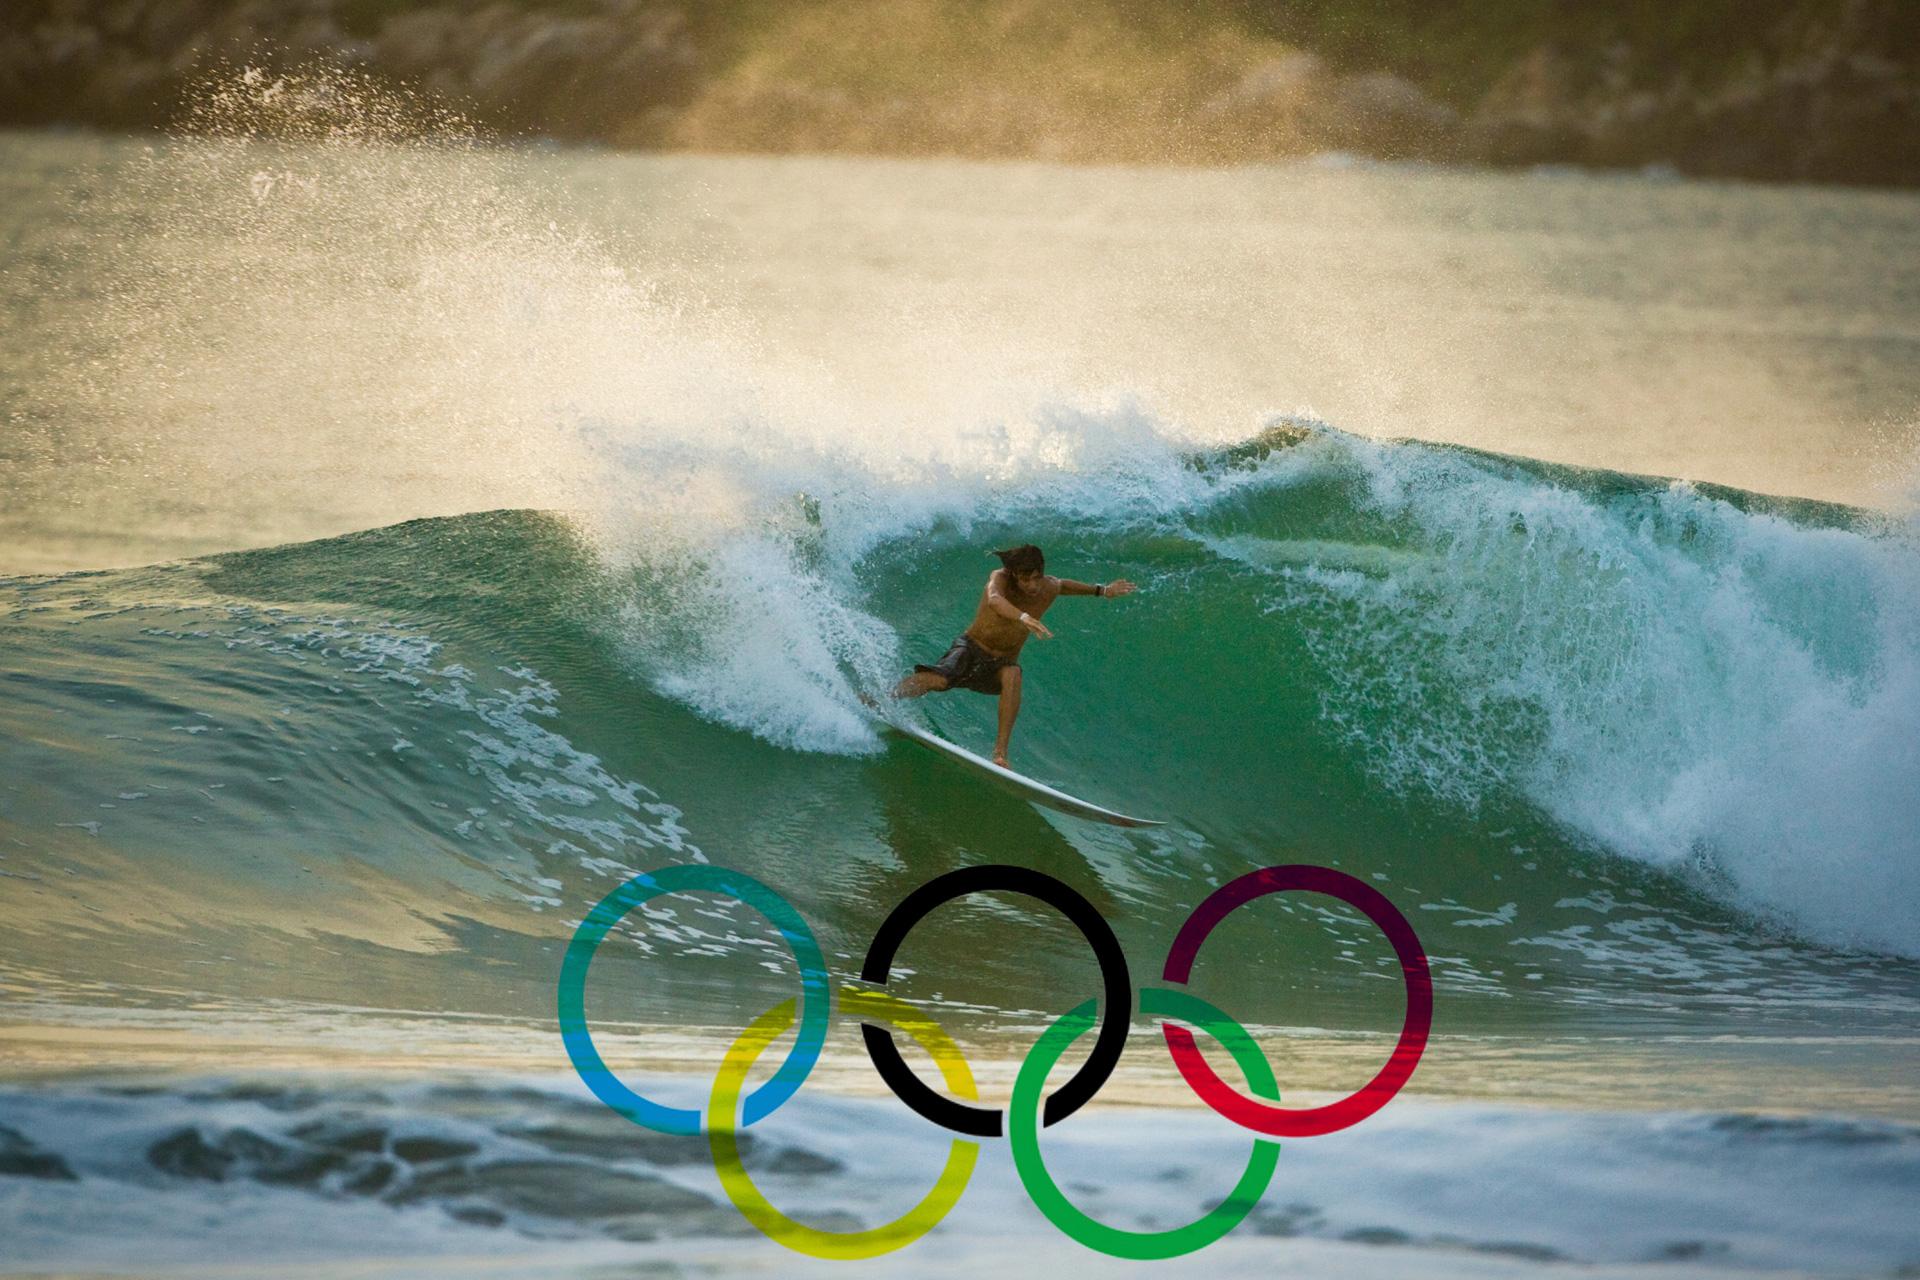 SurfOlimpico